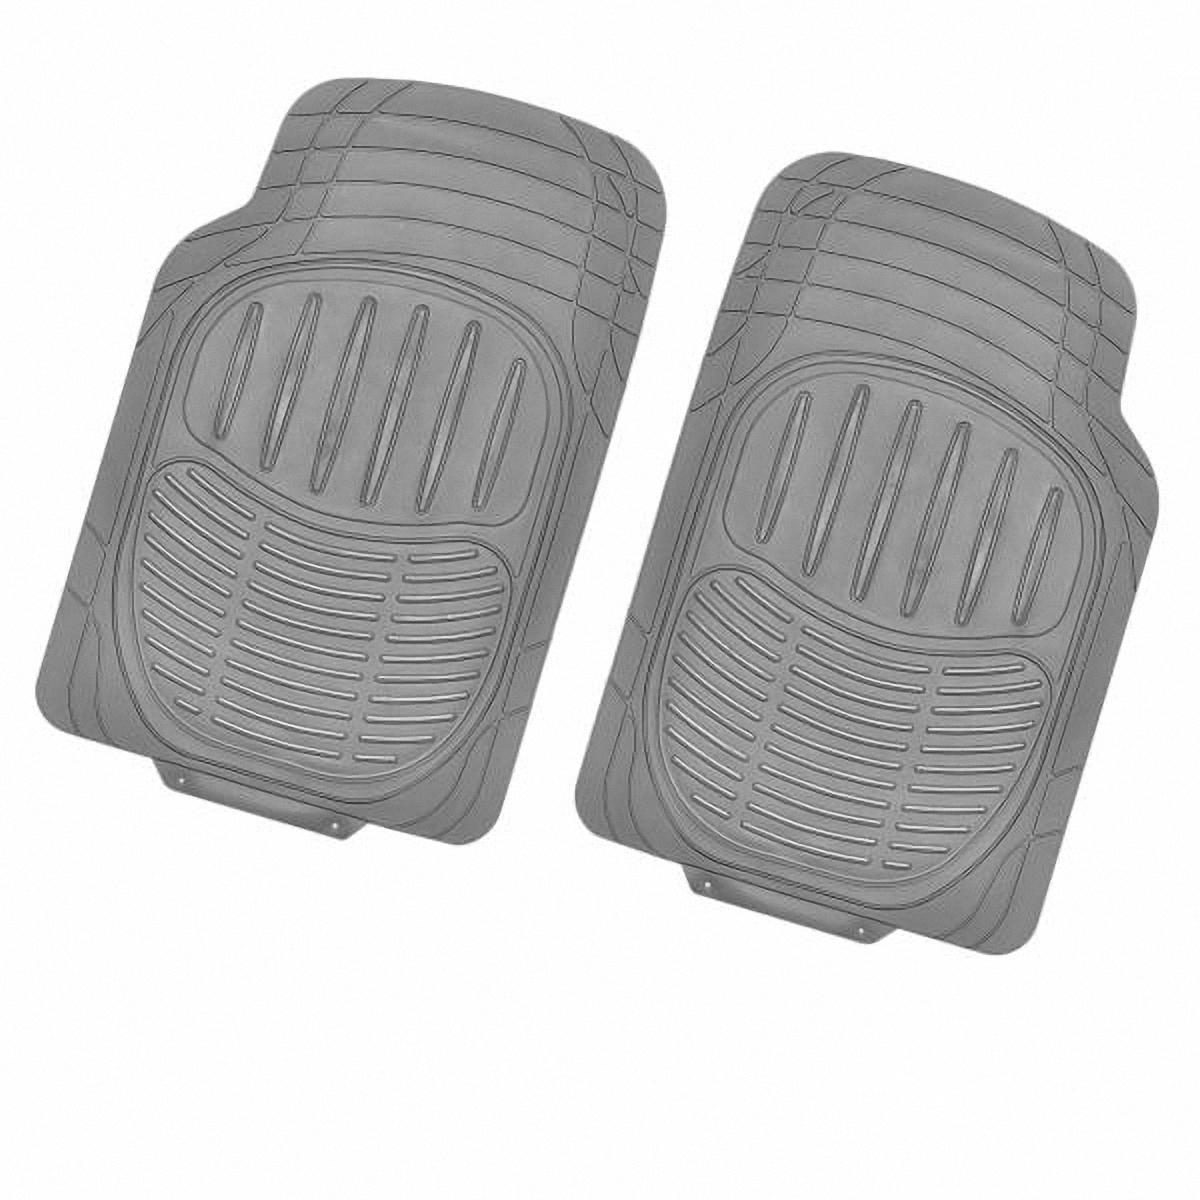 Коврик в салон автомобиля Skyway, передний, цвет: серый, 72 х 49 см, 2 штS01701018Комплект универсальных передних ковриков салона сохраняет эластичность даже при экстремально низких и высоких температурах (от -50°С до +50°С). Обладает повышенной устойчивостью к износу и агрессивным средам, таким как антигололёдные реагенты, масло и топливо. Усовершенствованная конструкция изделия обеспечивает плотное прилегание и надёжную фиксацию коврика на полу автомобиля.Размер: 72 х 49 см.Комплектация: 2 шт.